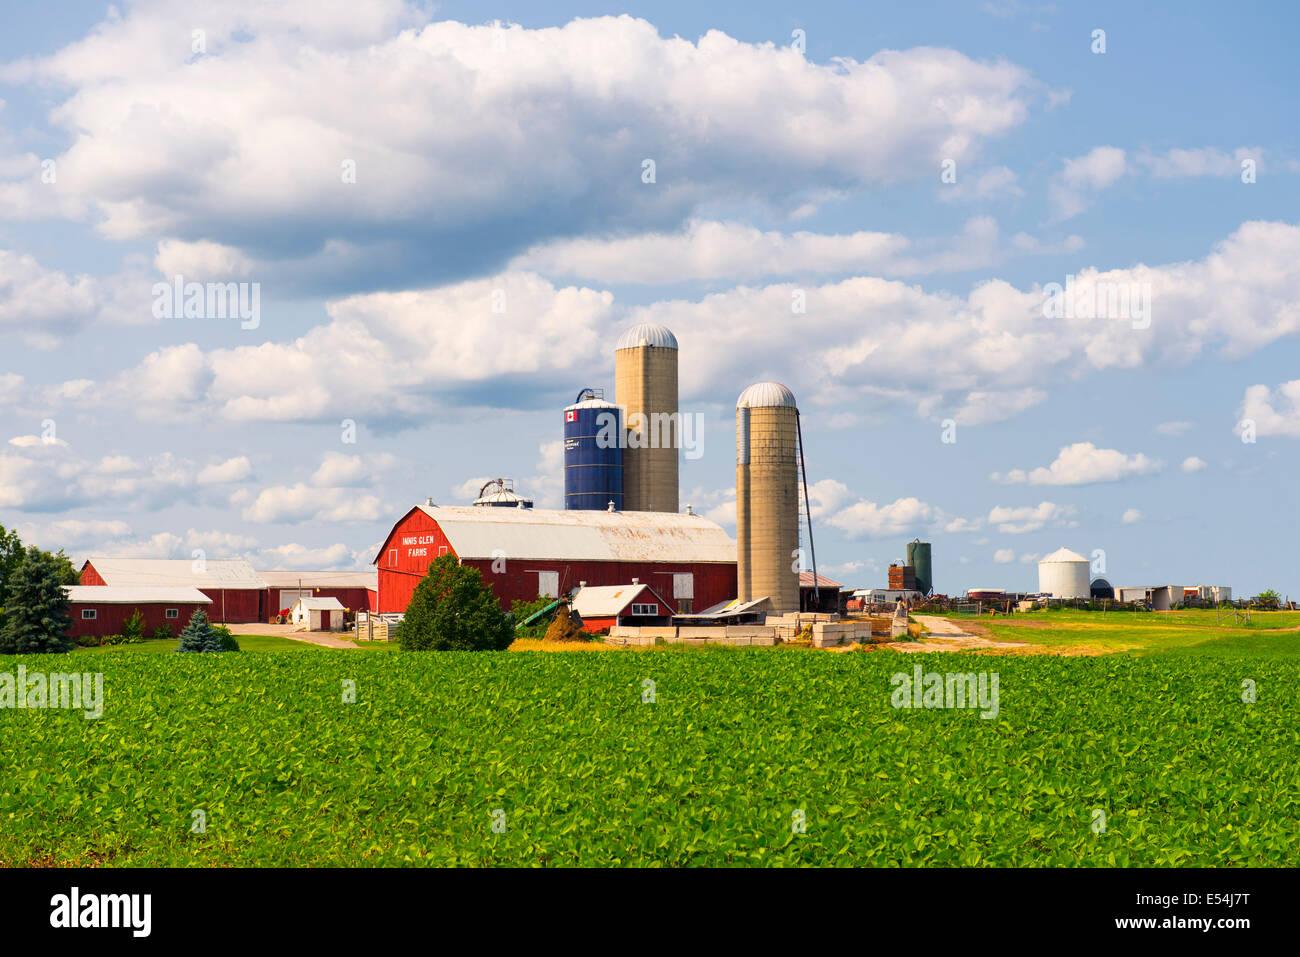 Canada Ontario Farm, Farms, Barns, Silos - Stock Image